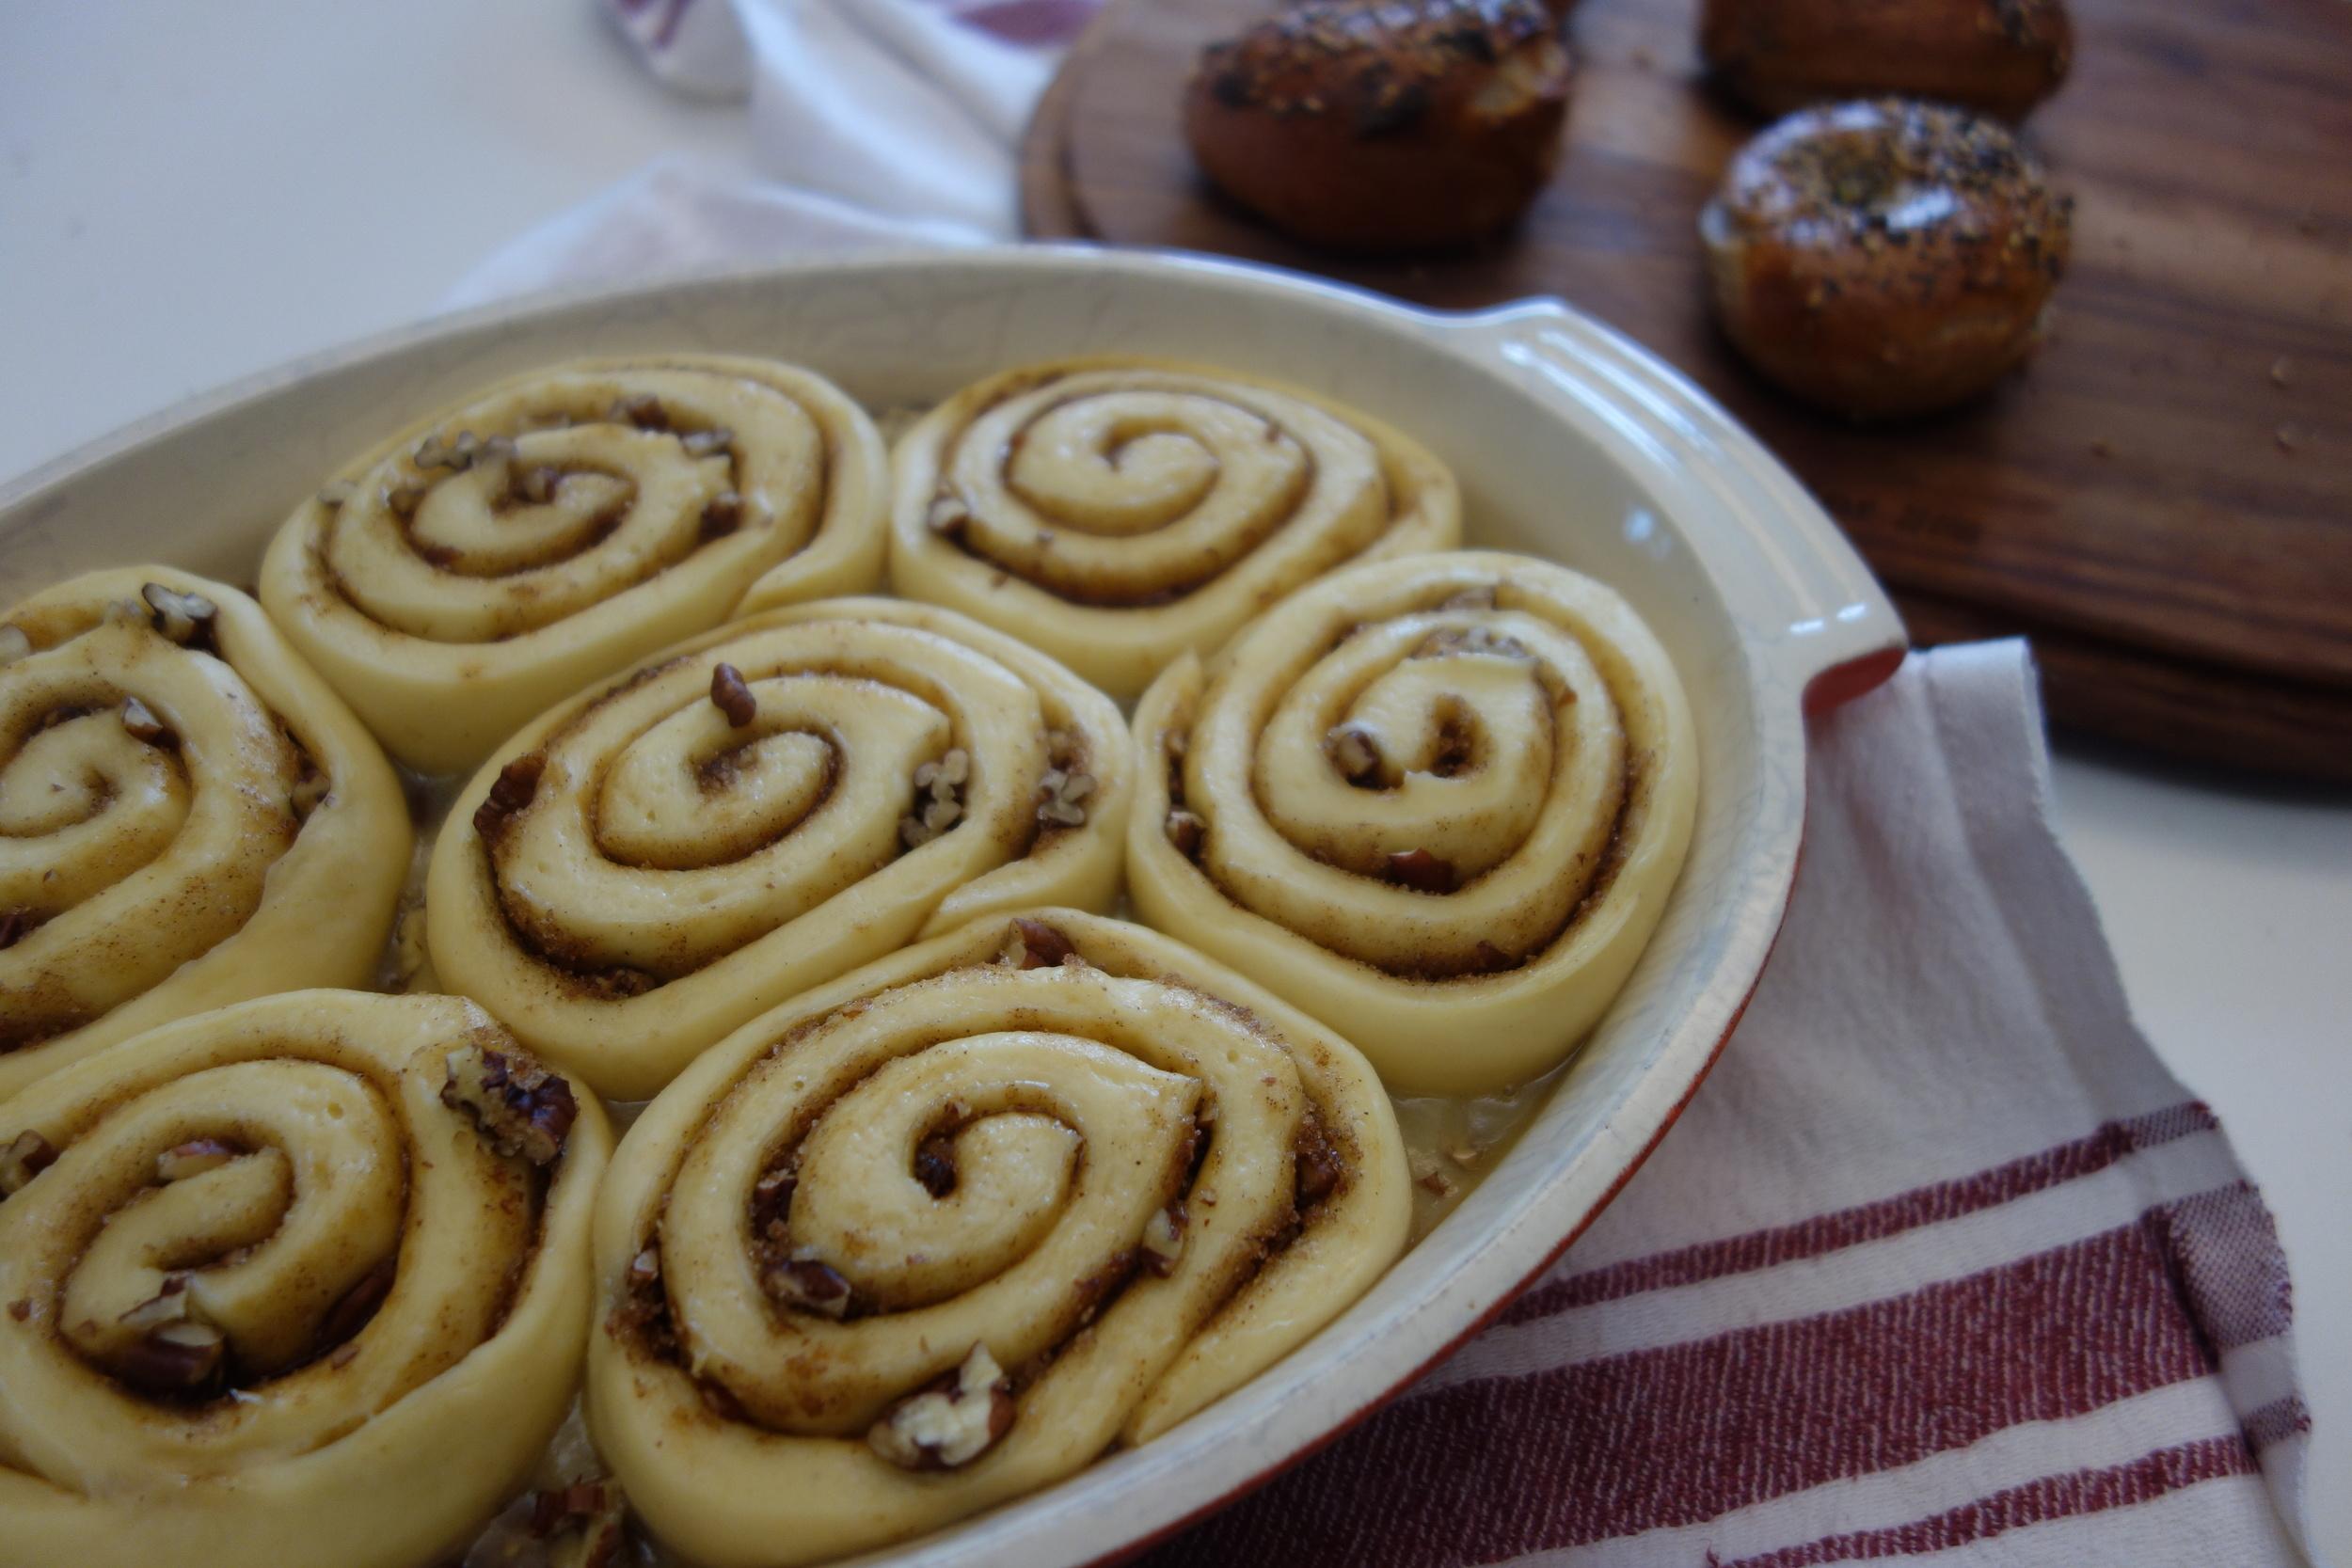 buns-n-bagels-cinnamon-roll-proof